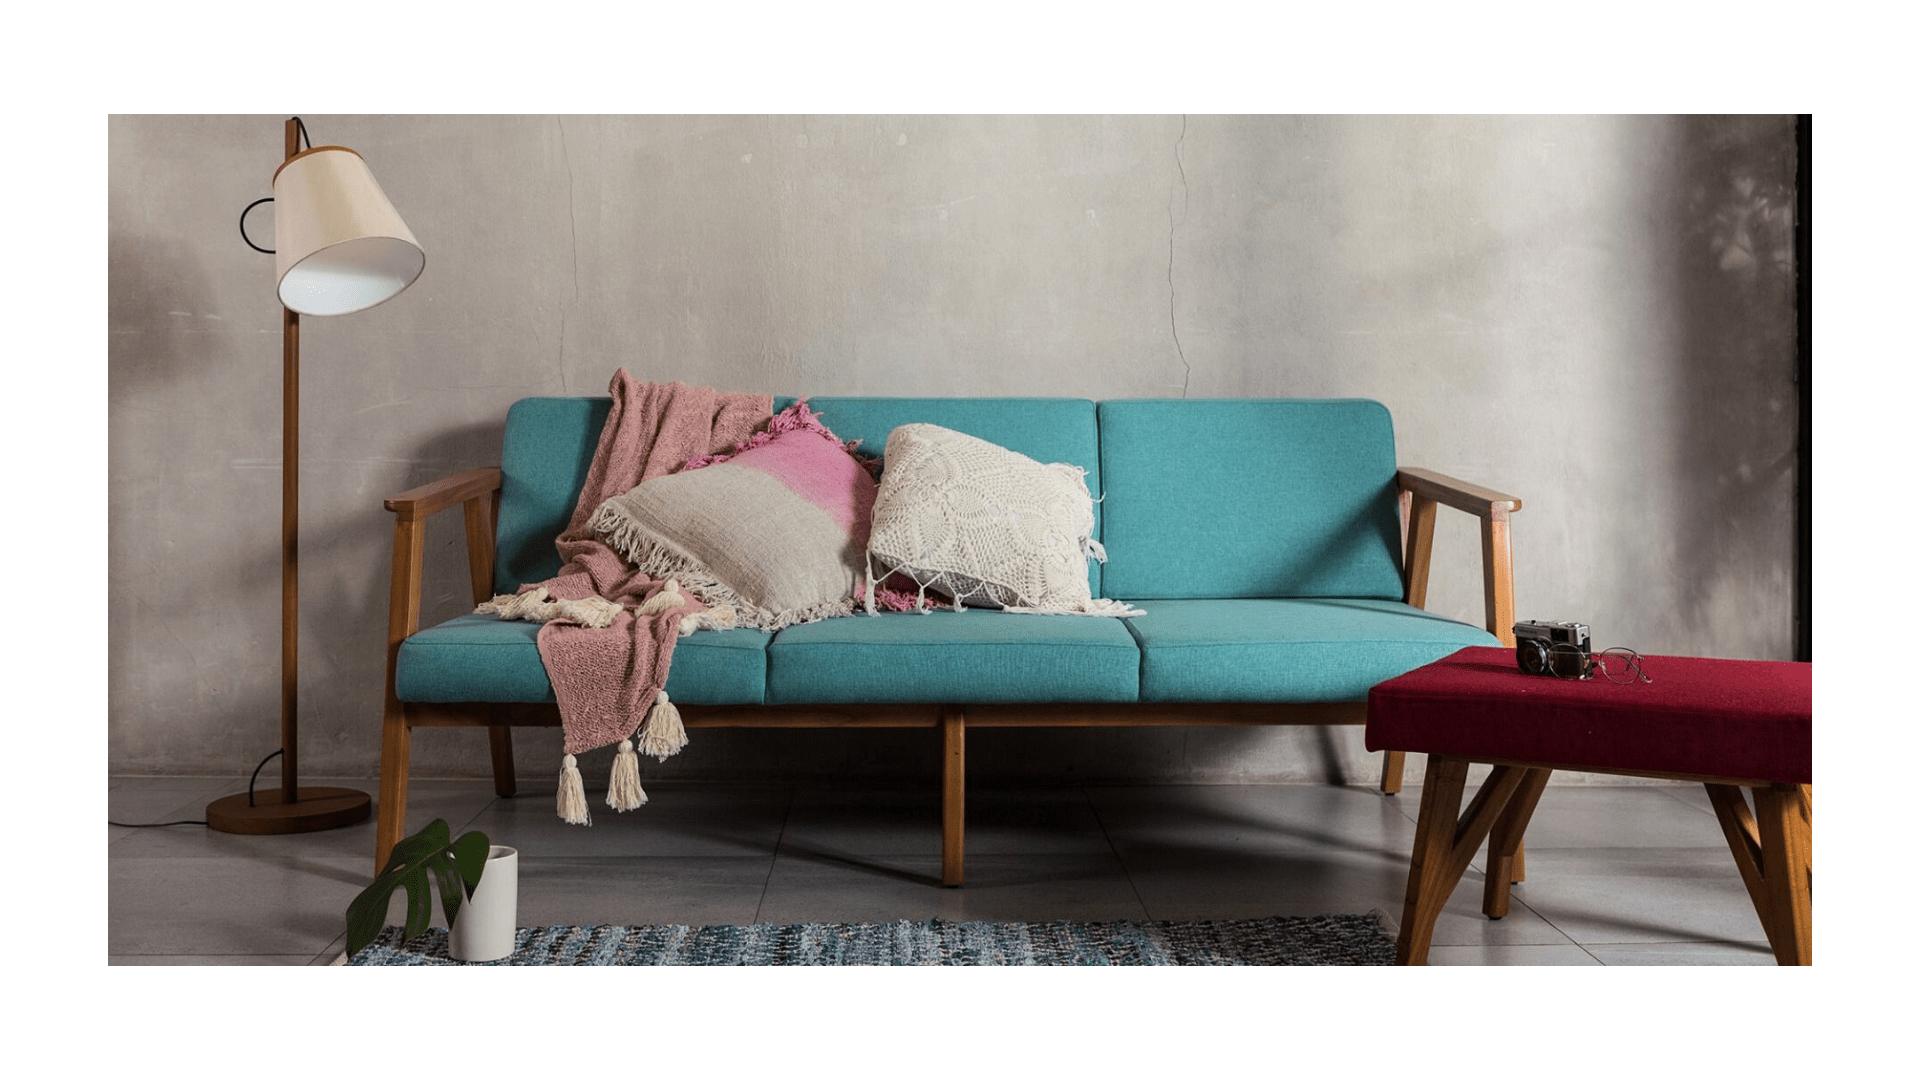 Jual Sofa Minimalis di Cimahi